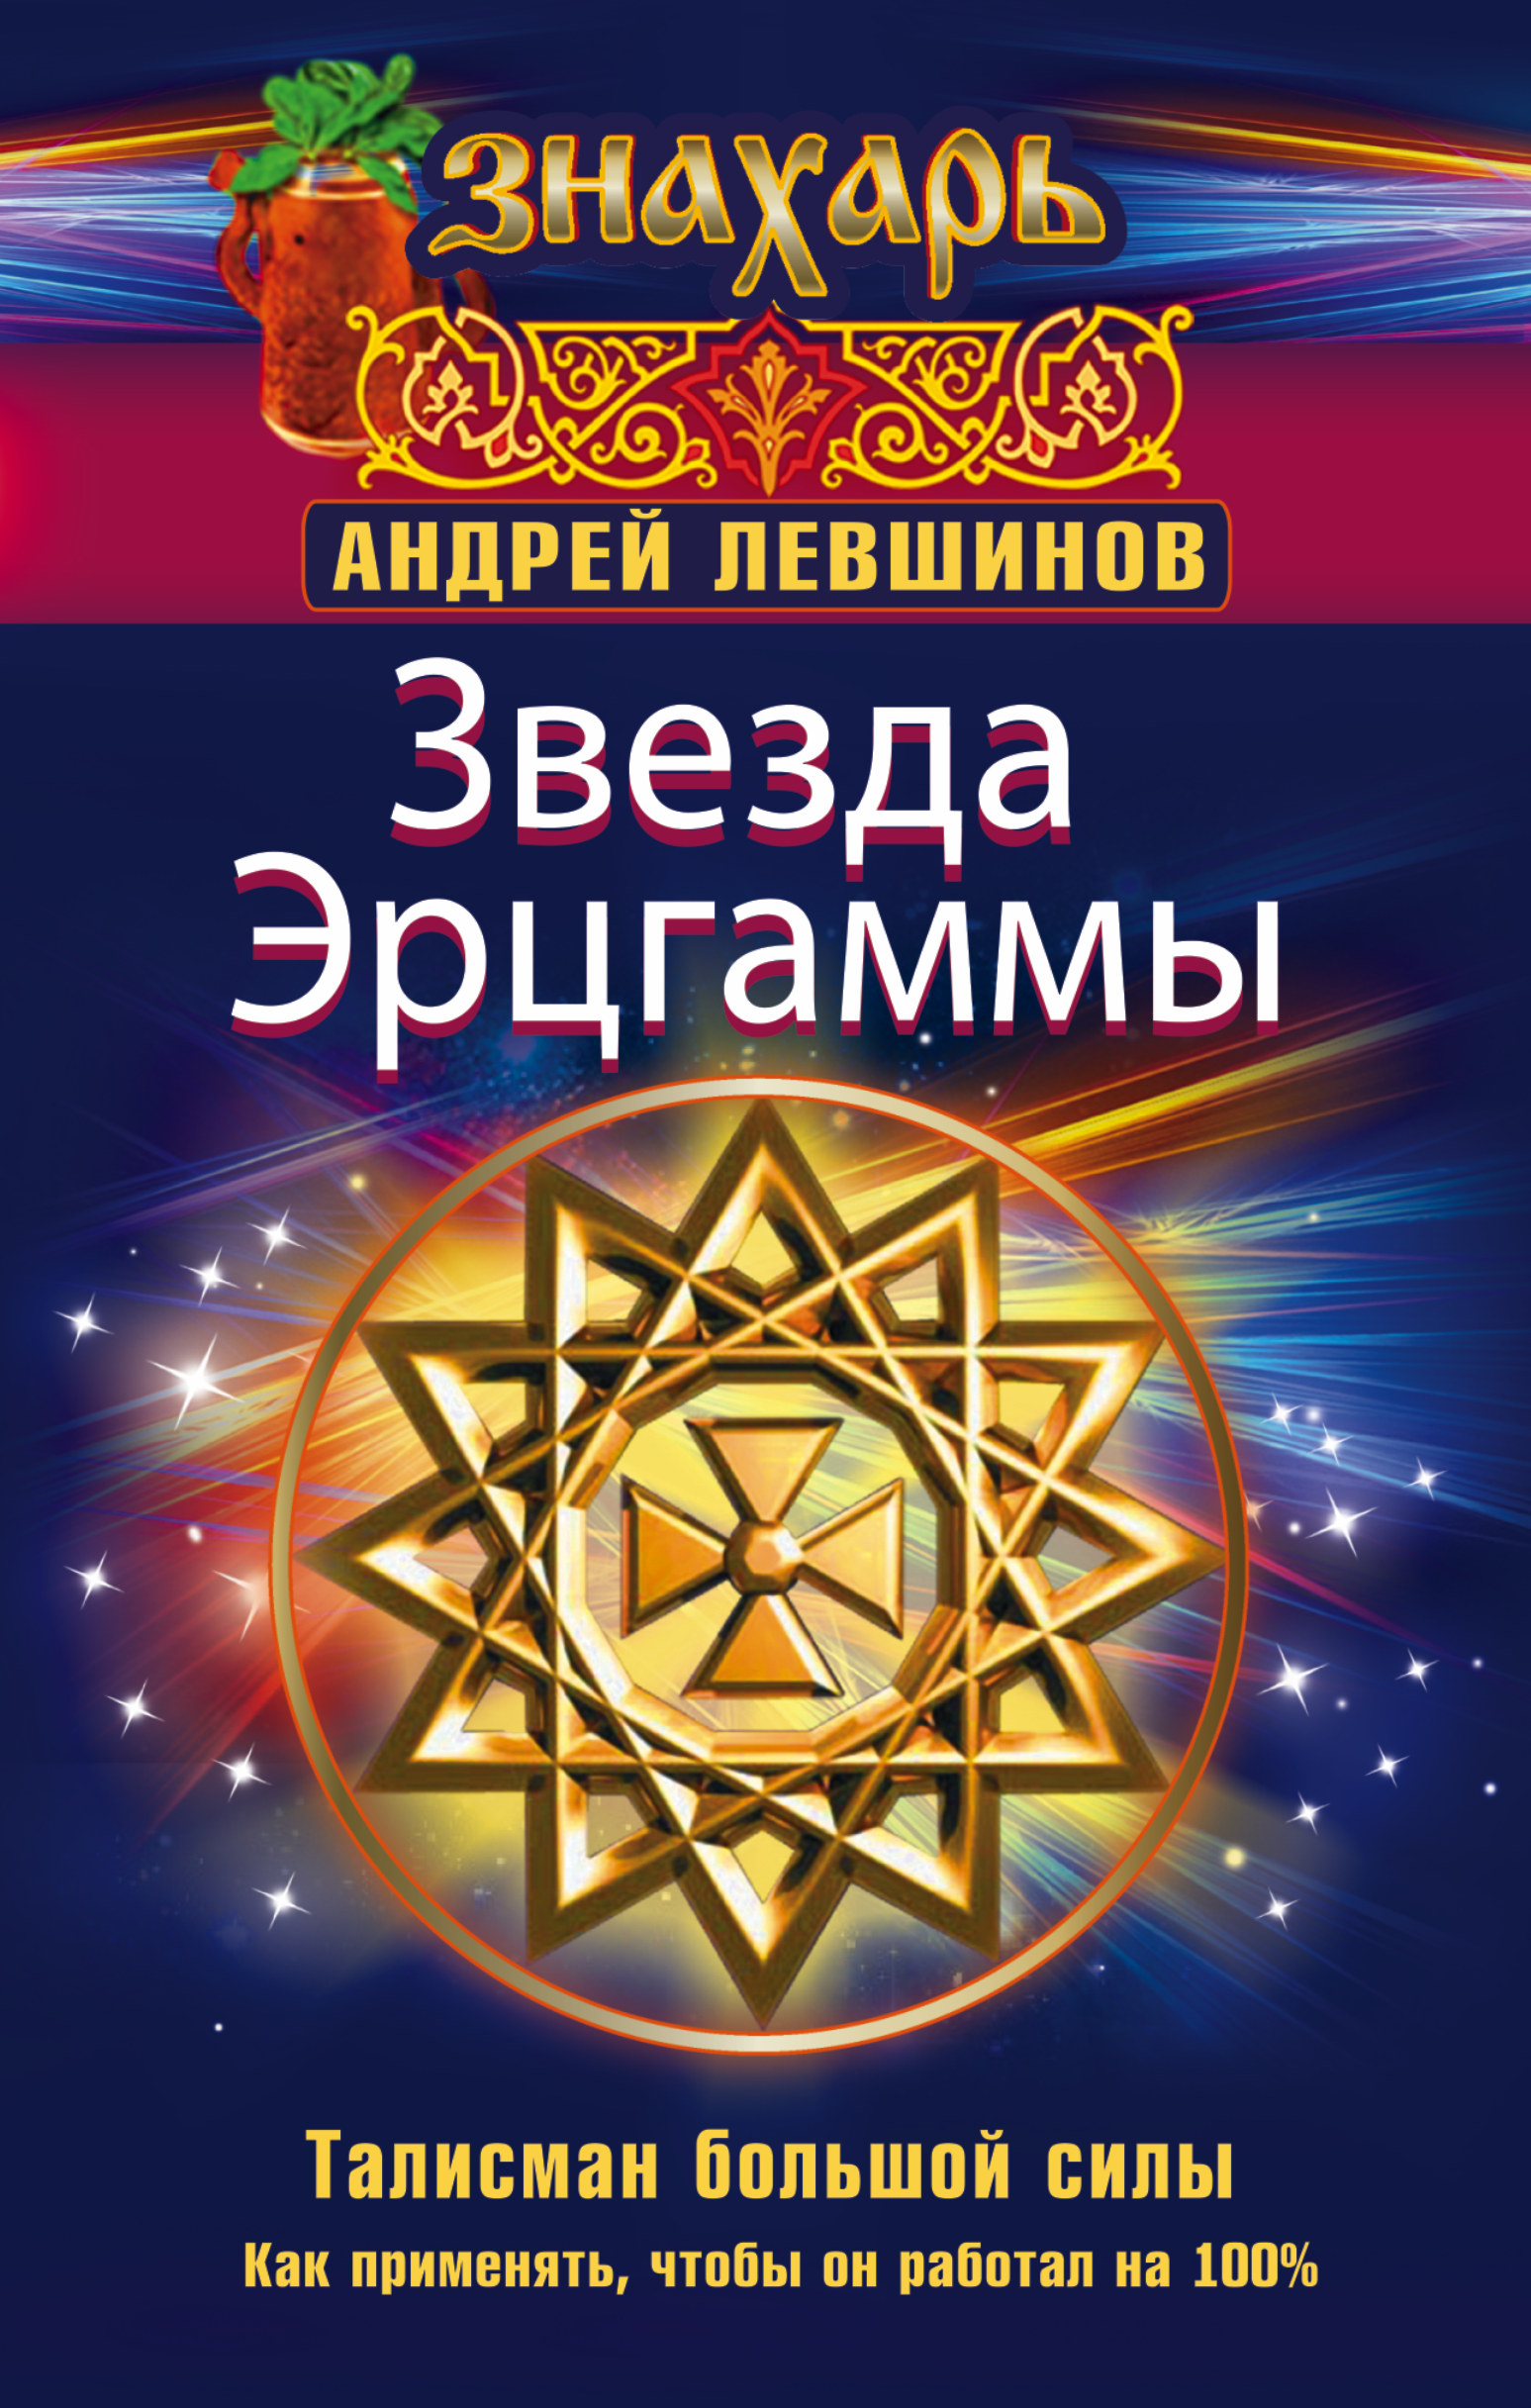 Андрей Левшинов Звезда Эрцгаммы. Талисман большой силы. Как применять, чтобы он работал на 100% андрей левшинов великие силы приносящие деньги